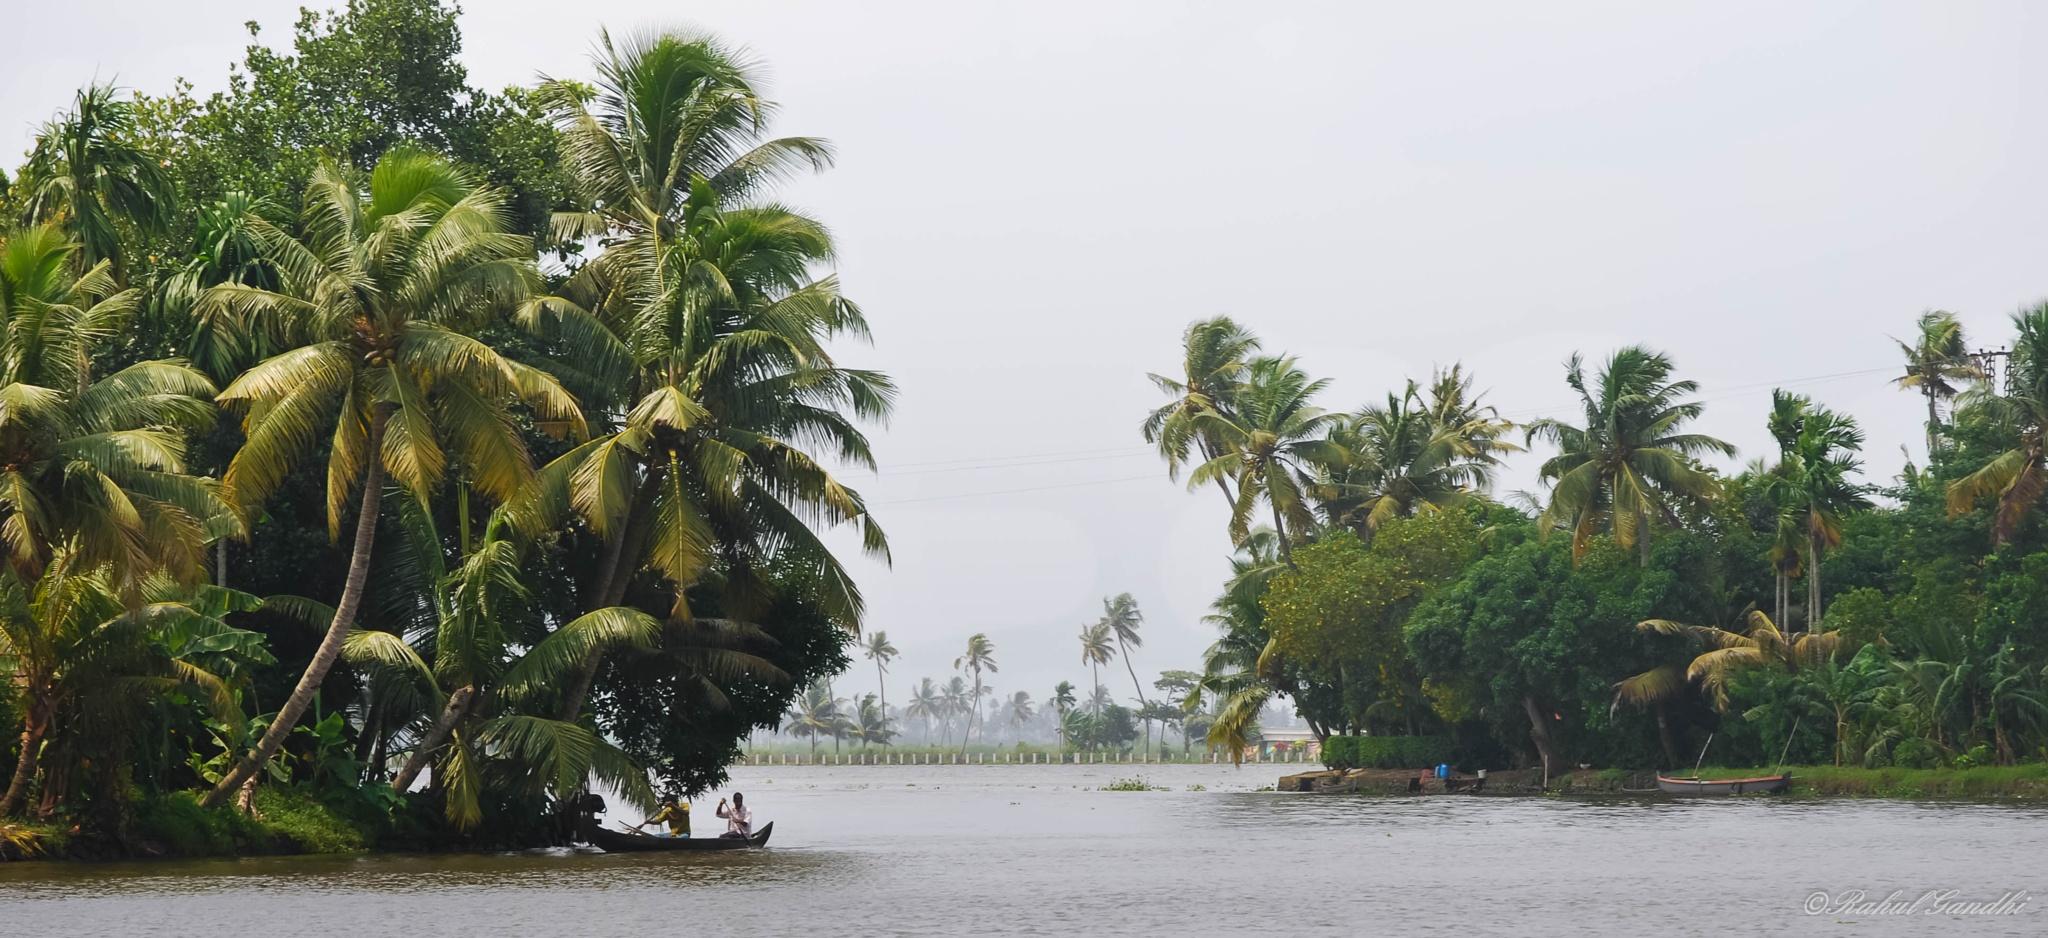 Backwaters by Rahul Gandhi